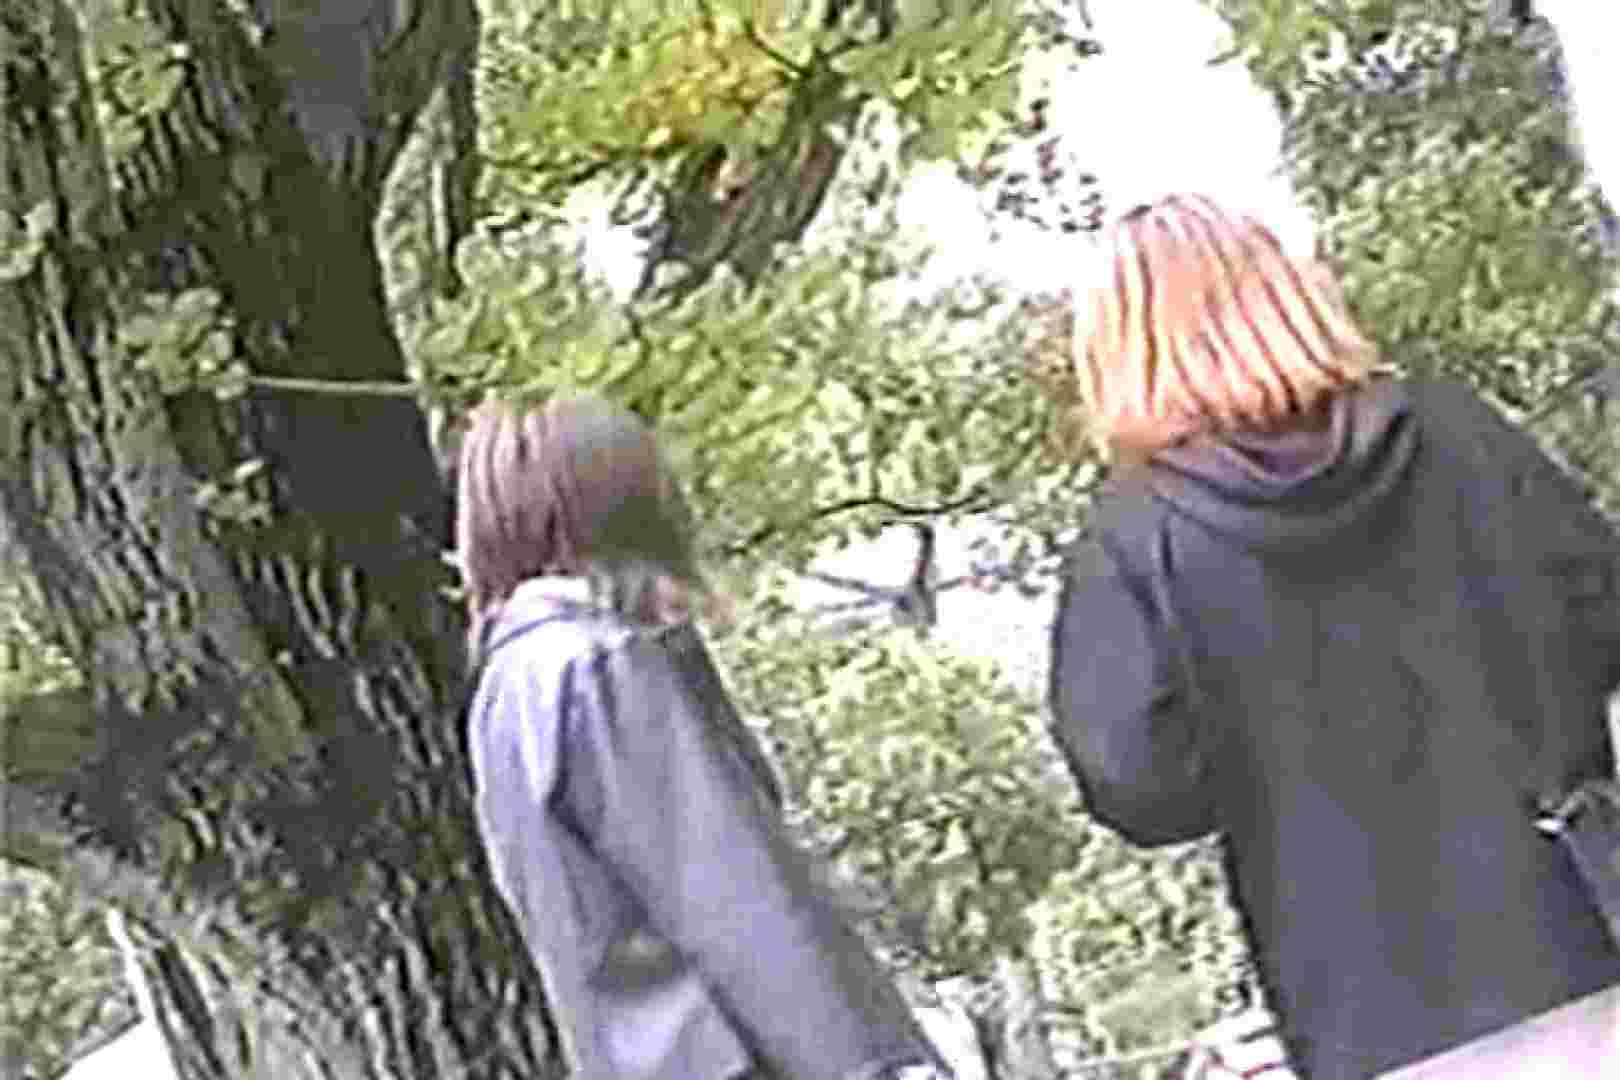 「ちくりん」さんのオリジナル未編集パンチラVol.2_02 チラ | パンチラ  84PIX 9